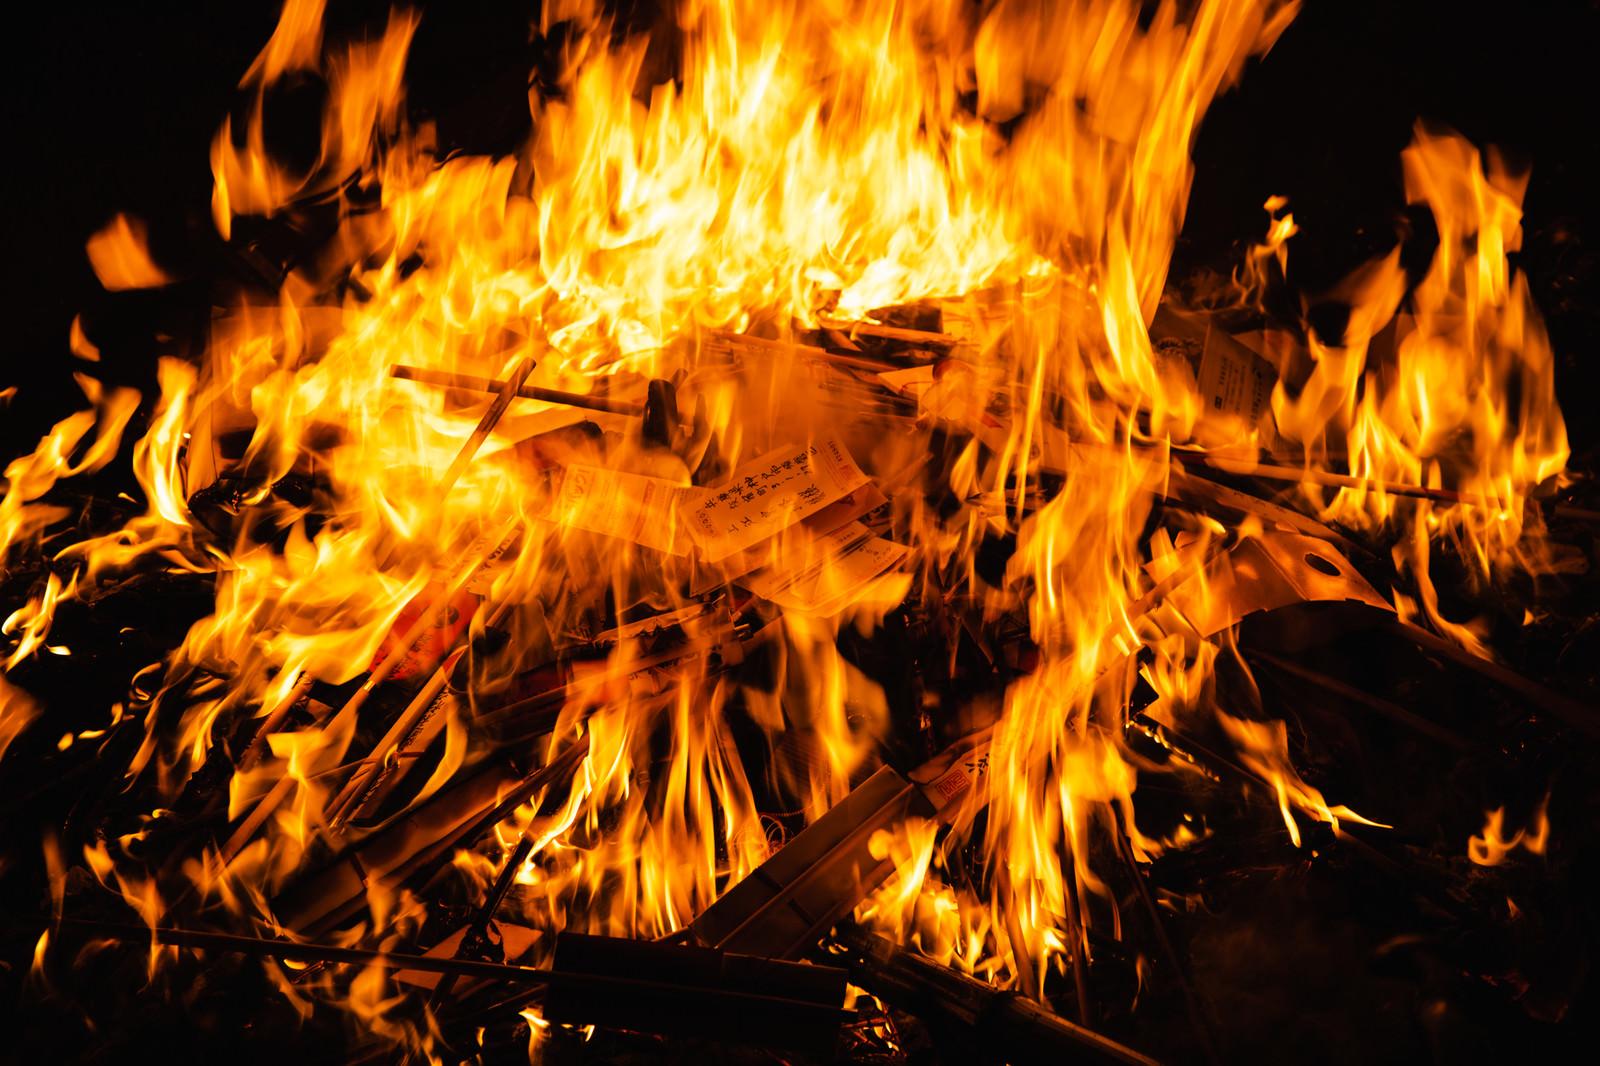 「護摩の火中にある供物(門戸厄神)」の写真